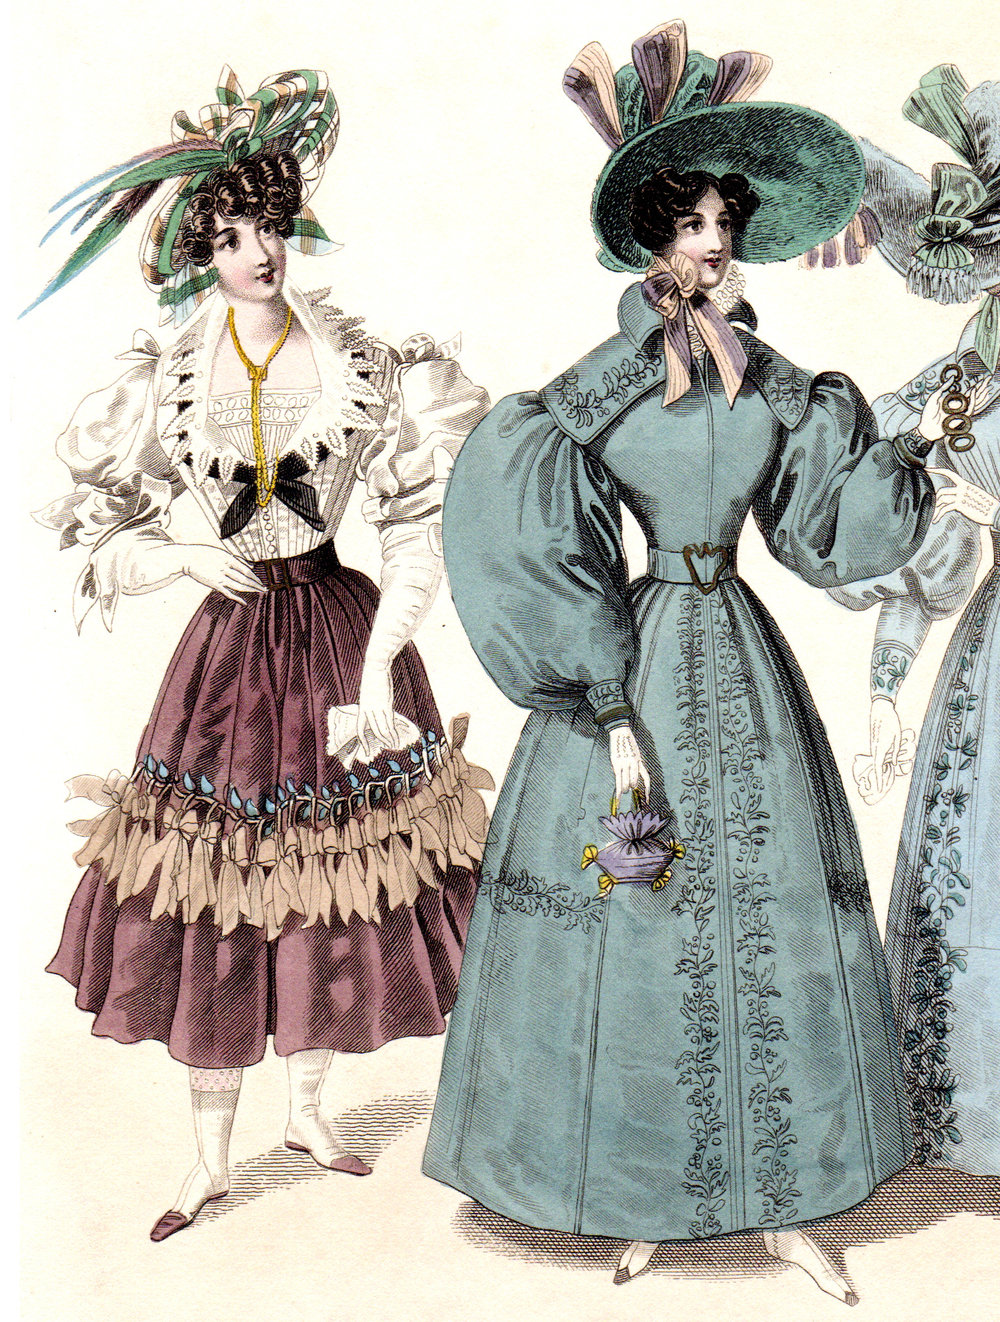 Paris Fashions 1820s-1860s